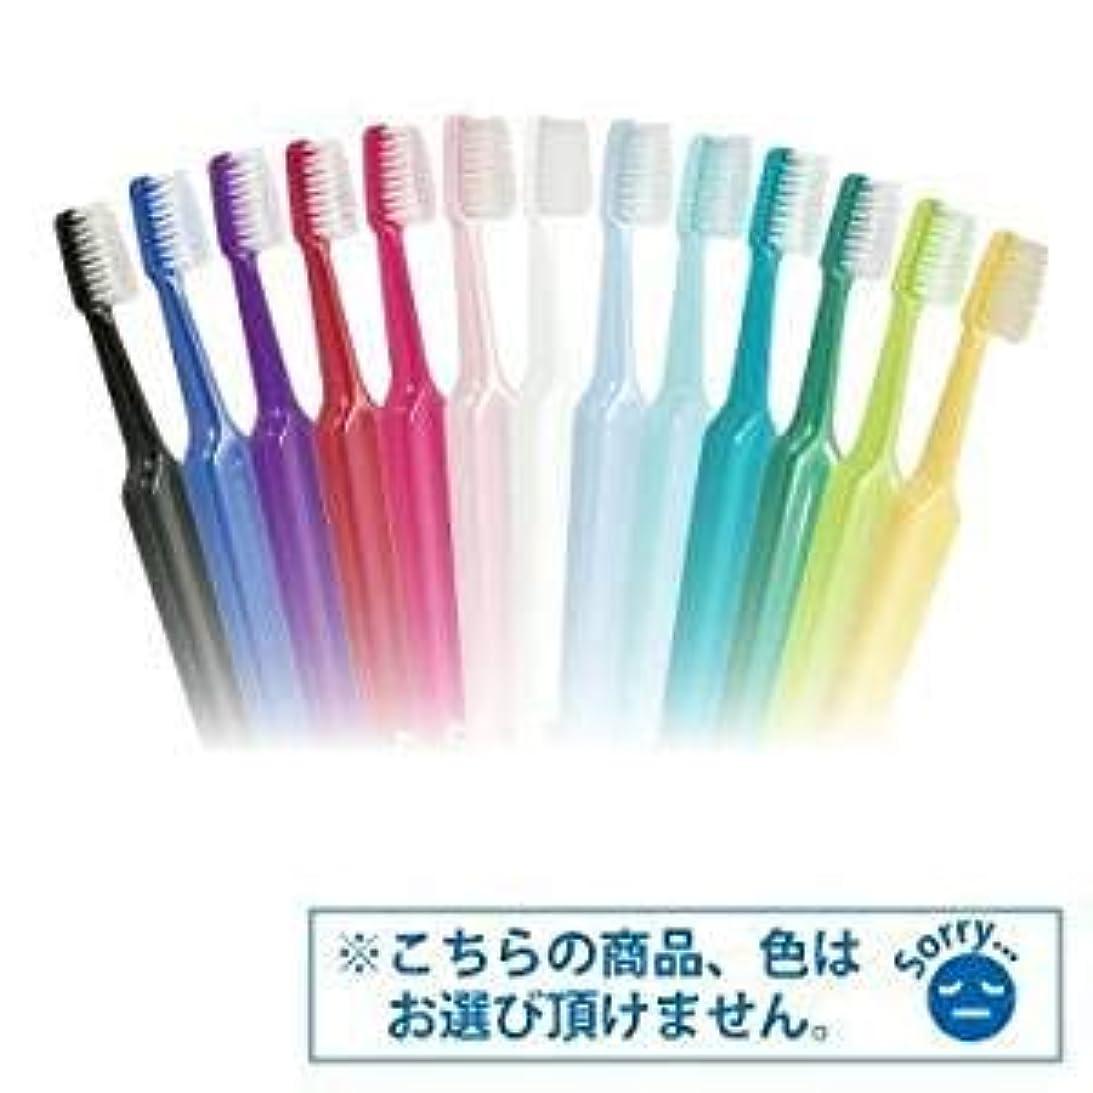 メイドカフェテリア眠りTepe歯ブラシ セレクトコンパクト /ミディアム 10本入り